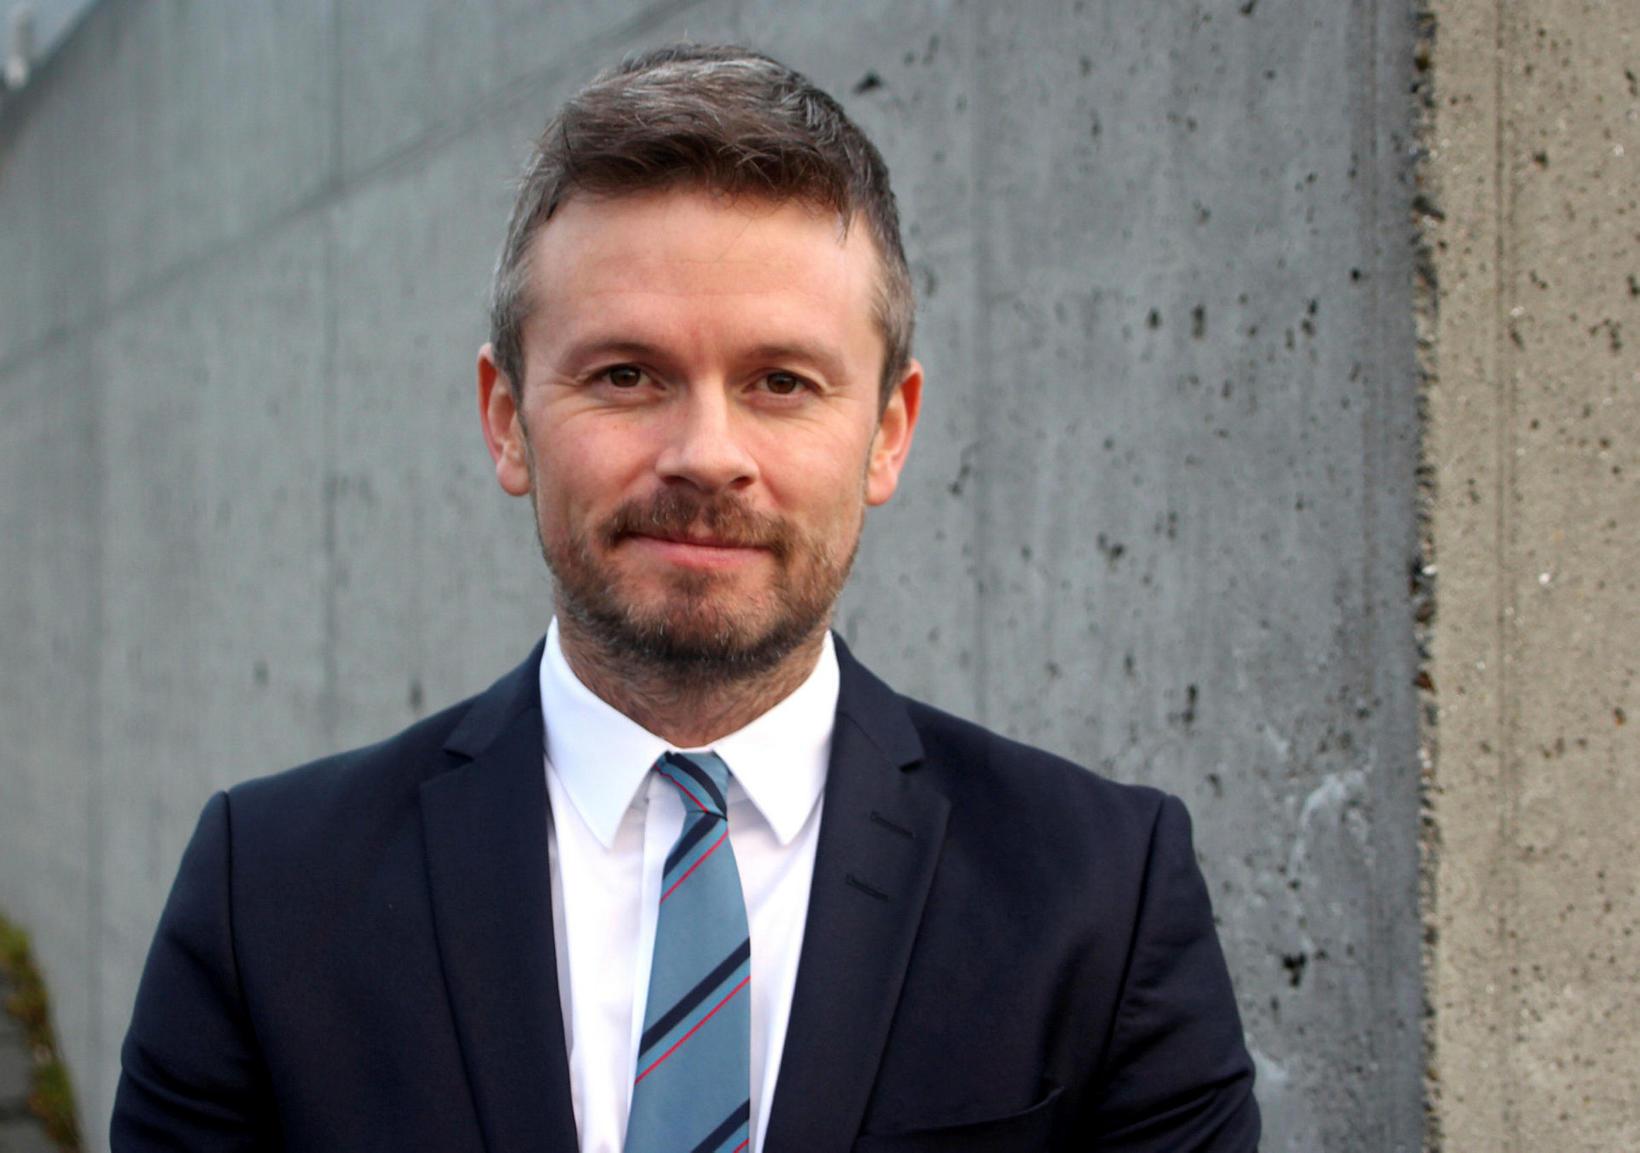 Þingmaðurinn Ágúst Ólafur Ágústsson hlaut ekki eitt toppsætanna í framboðskönnuninni.